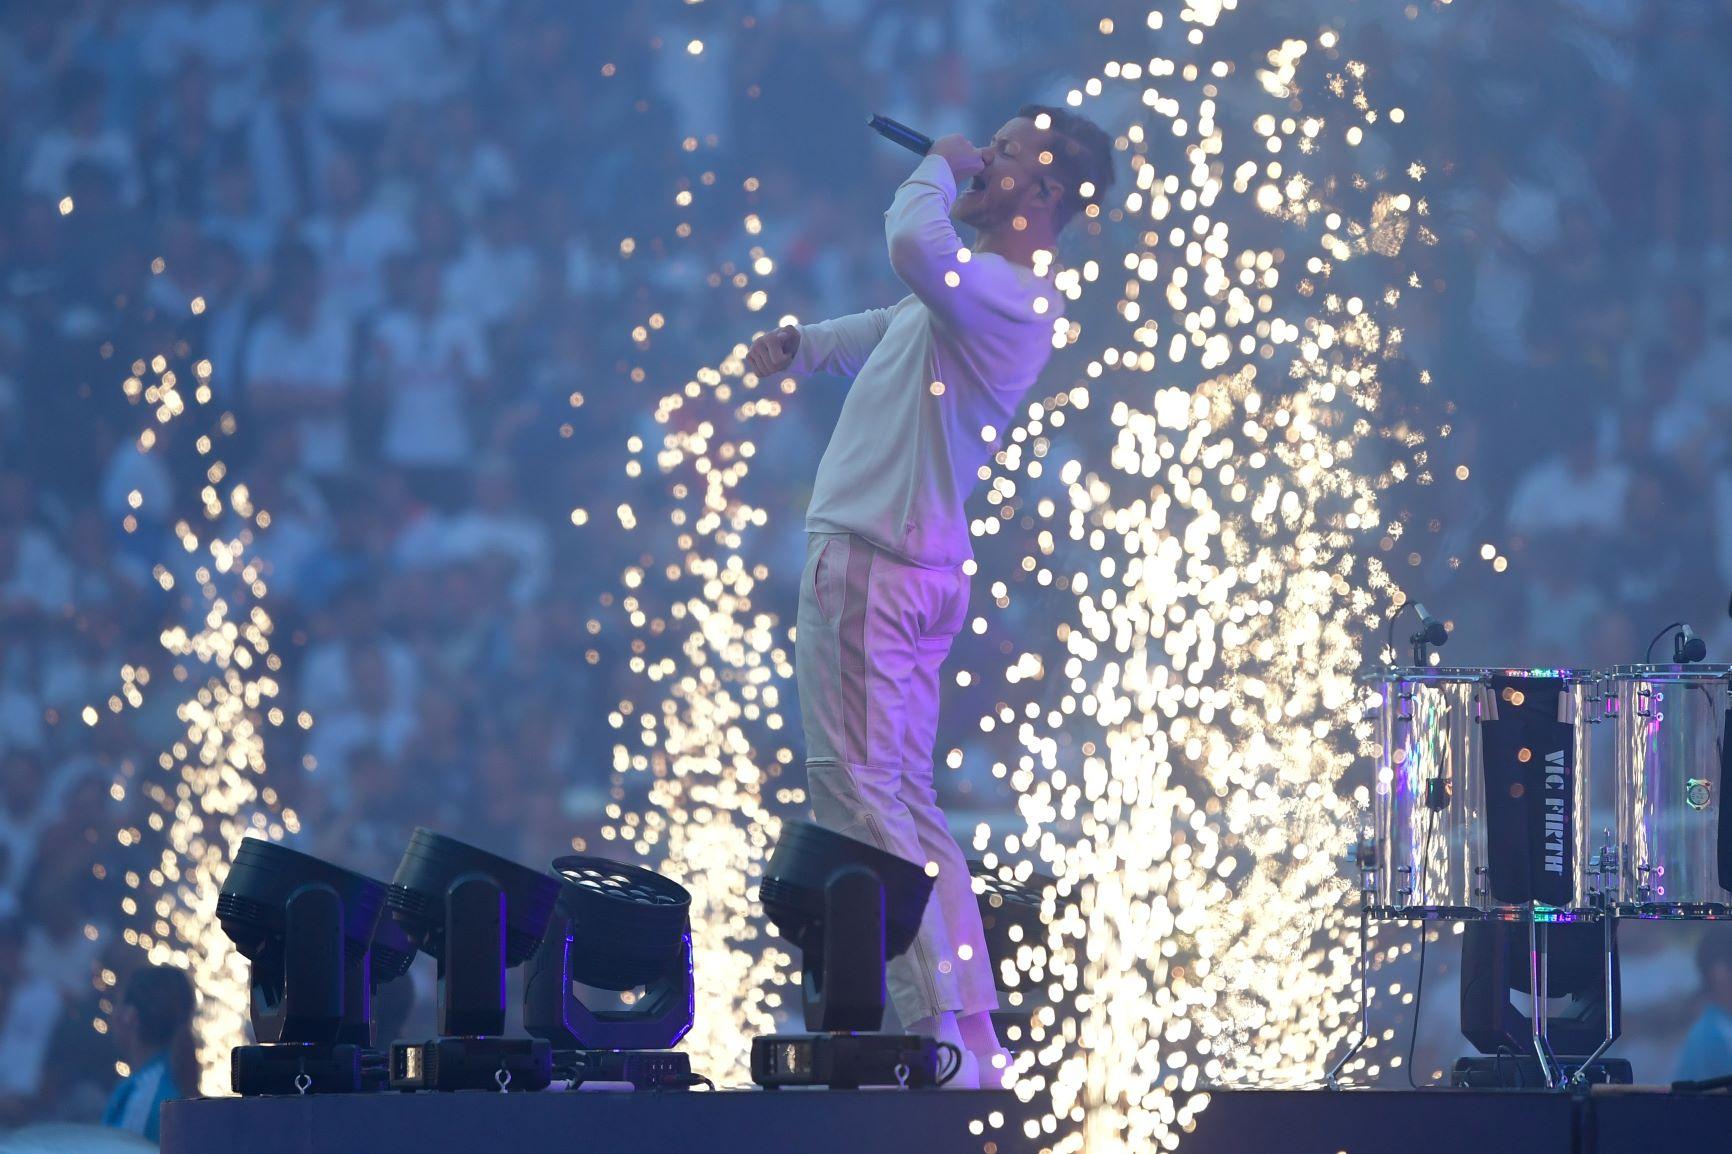 [Fotos] Así fue la presentación de Imagine Dragons en la final de la Champions League